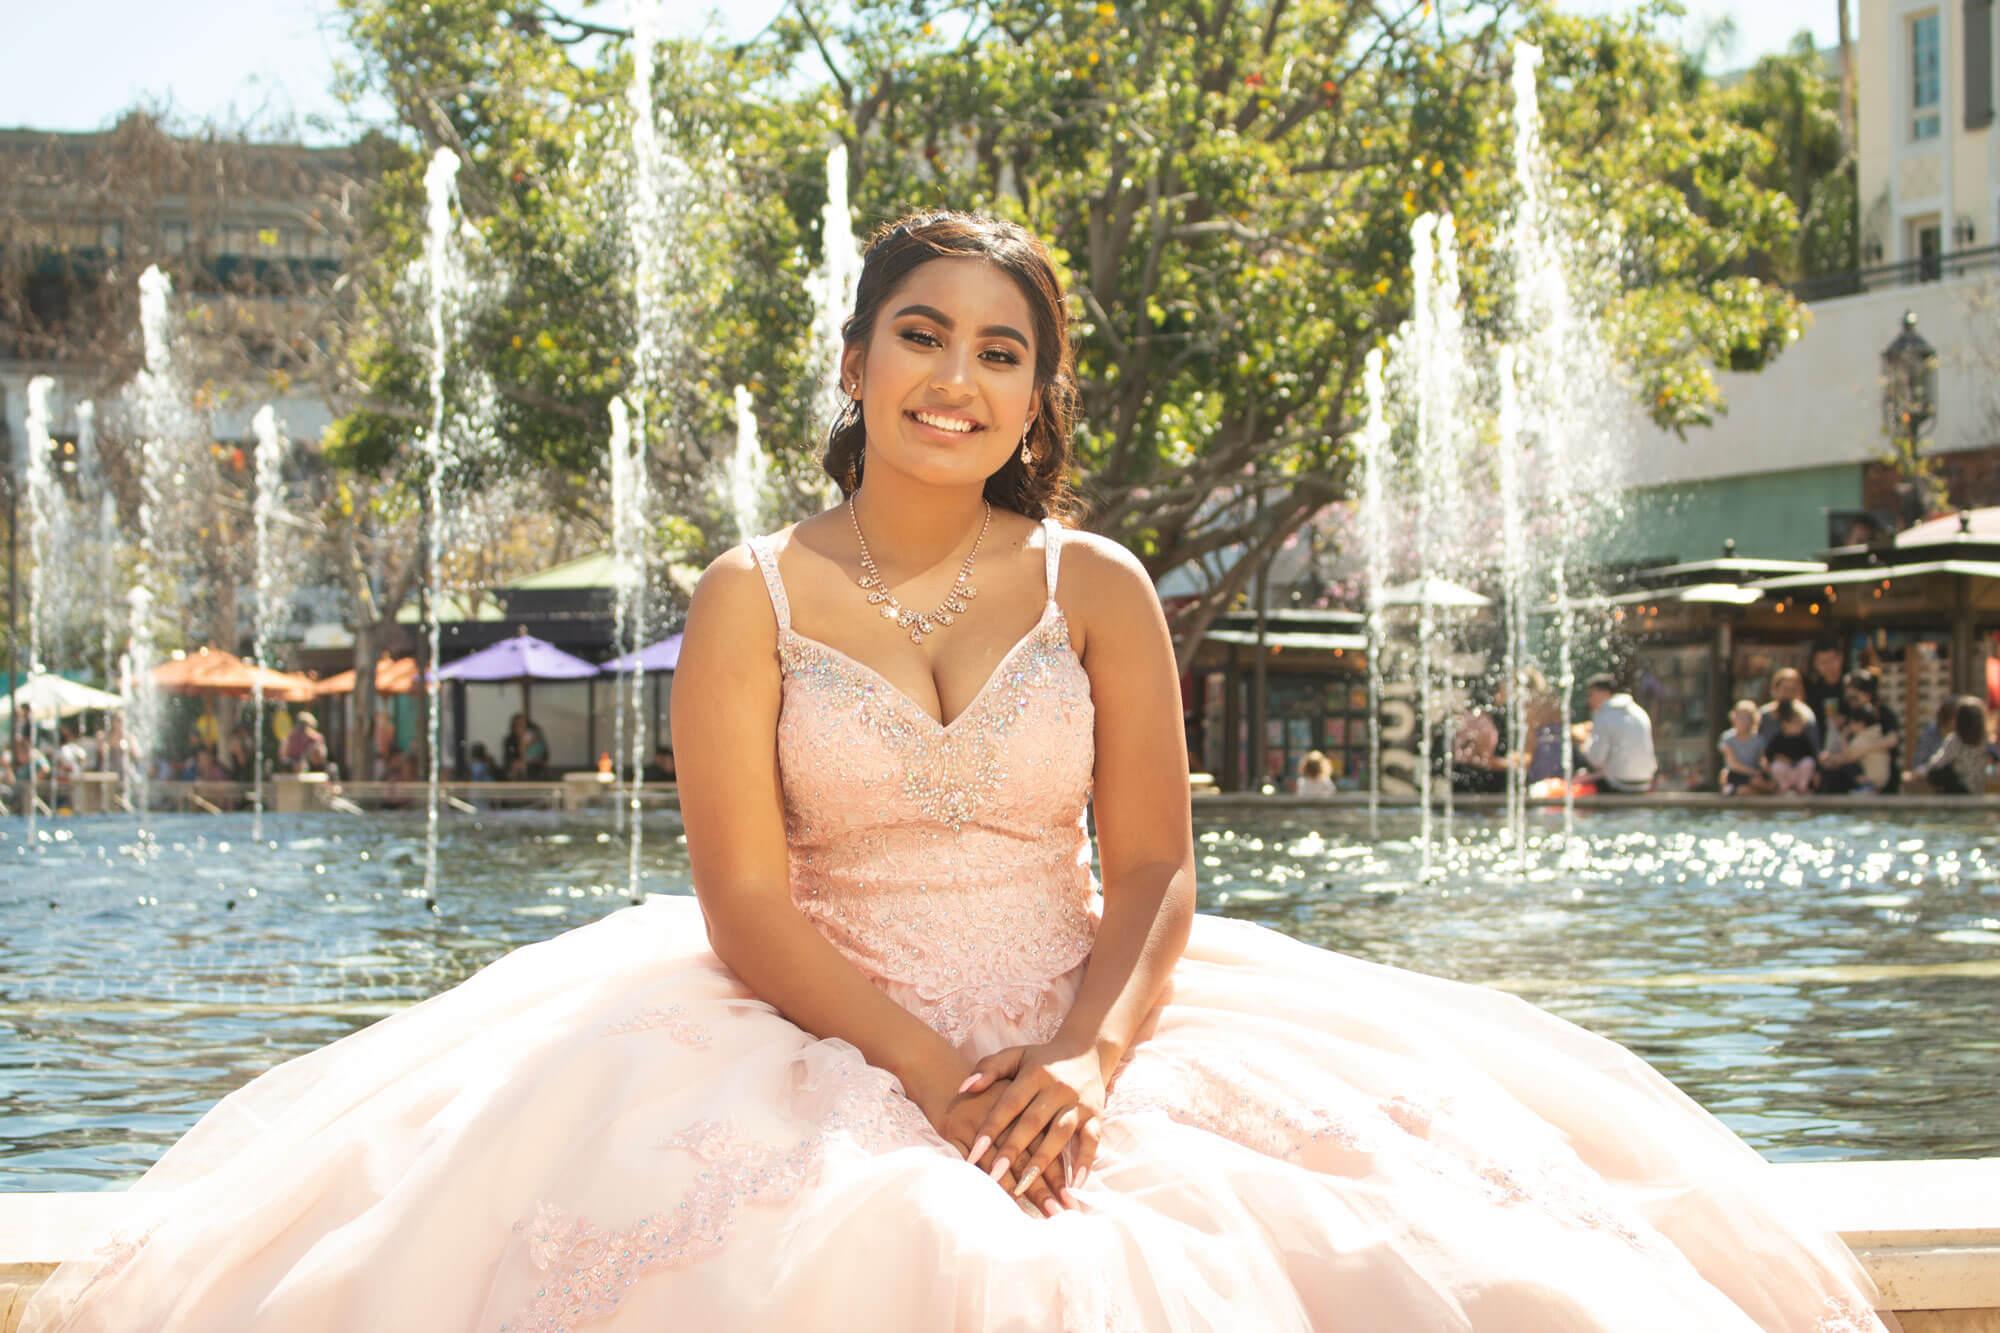 Jessica Quinceañera